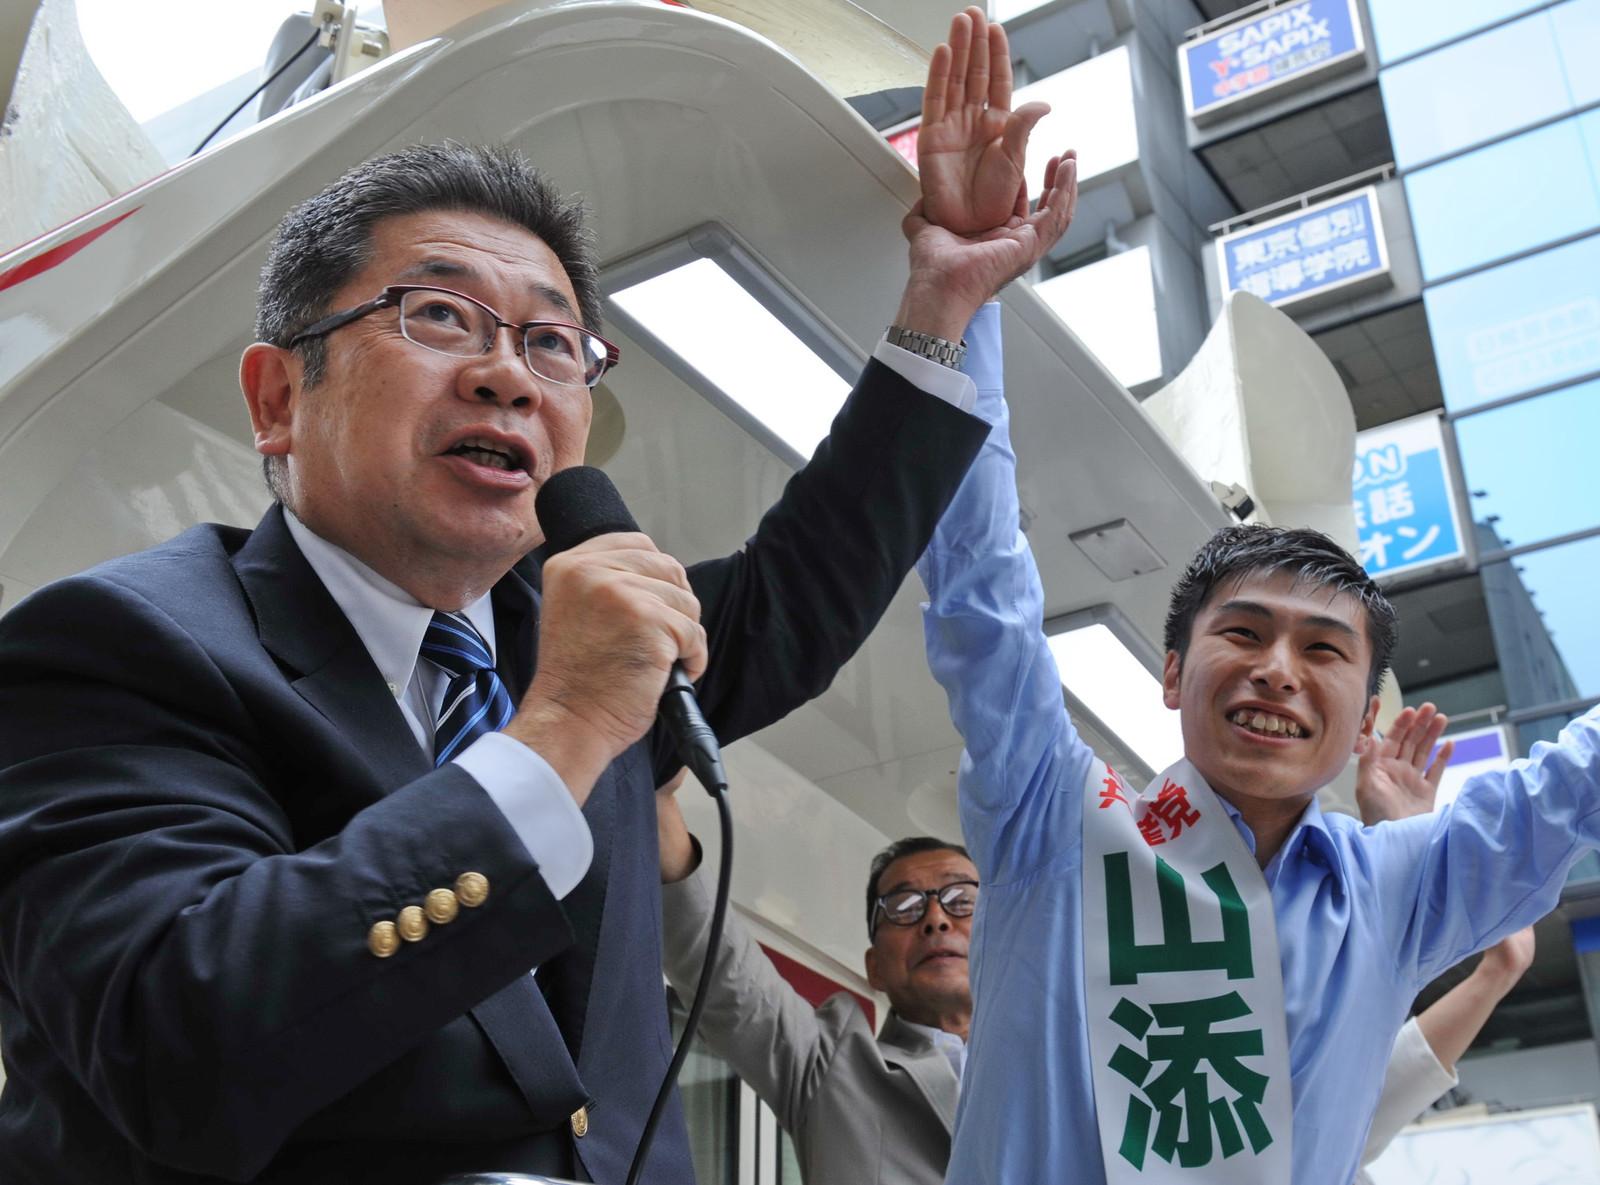 当落線上の大激戦・大接戦 日本共産党広げに広げ、山添候補を国会に押し上げよう小池書記局長が訴え